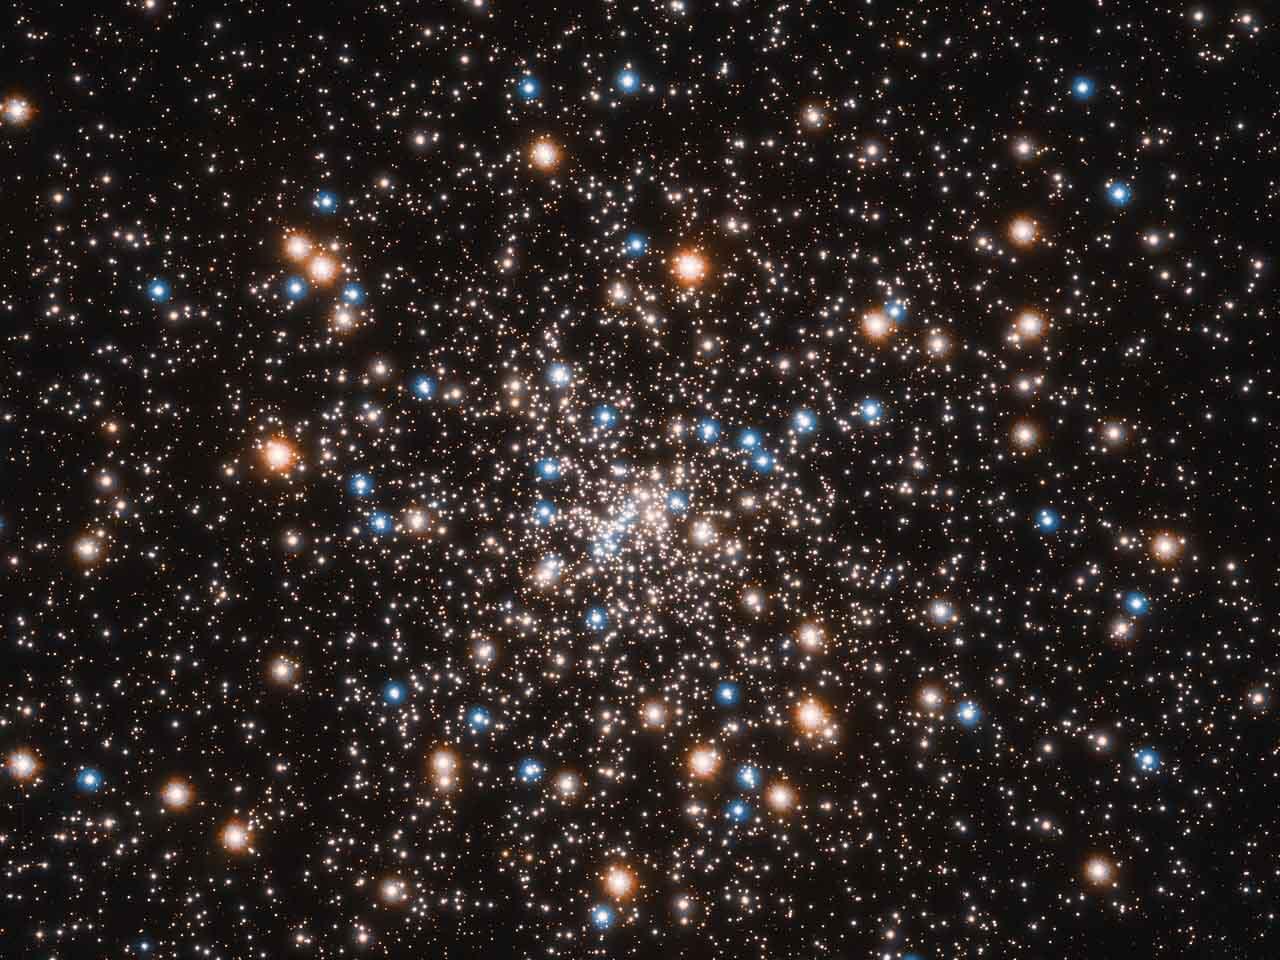 შორეულ ვარსკვლავთგროვაში პატარა შავ ხვრელთა მთელი გროვა აღმოაჩინეს — #1tvმეცნიერება